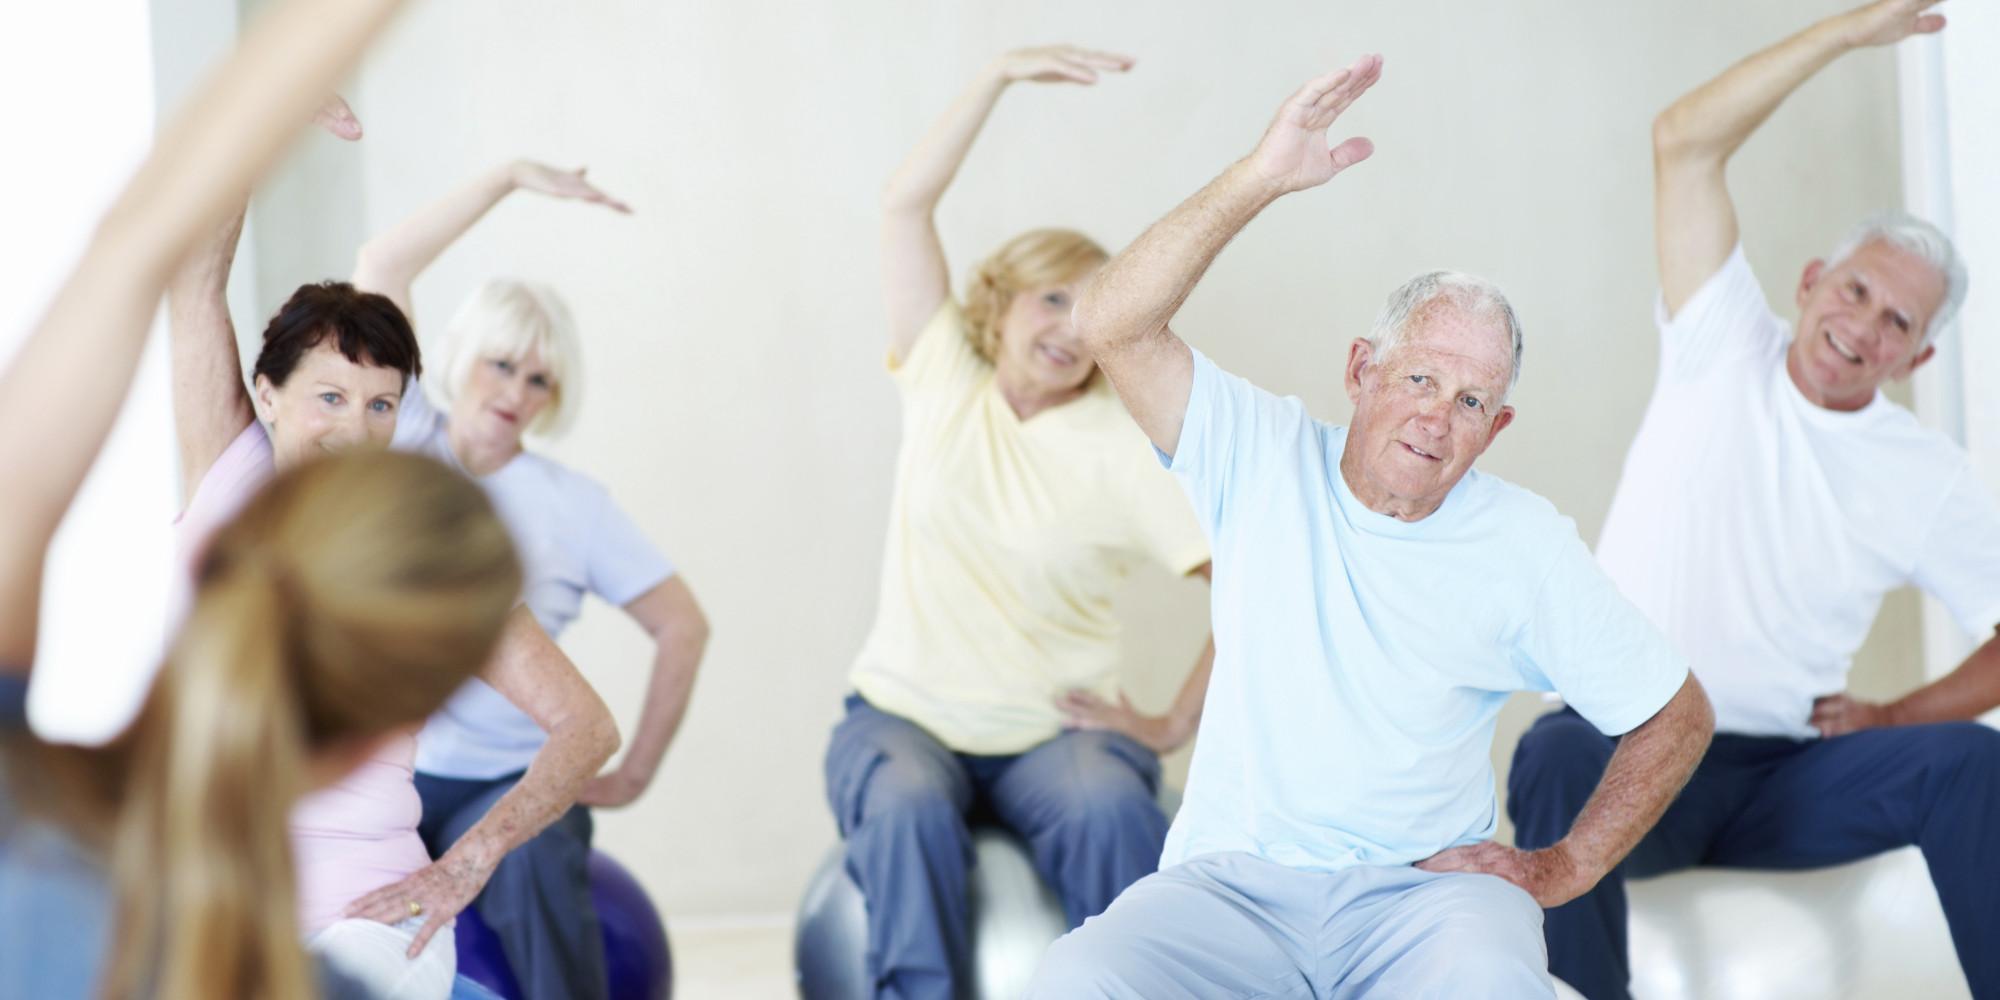 الرياضة لكبار السن